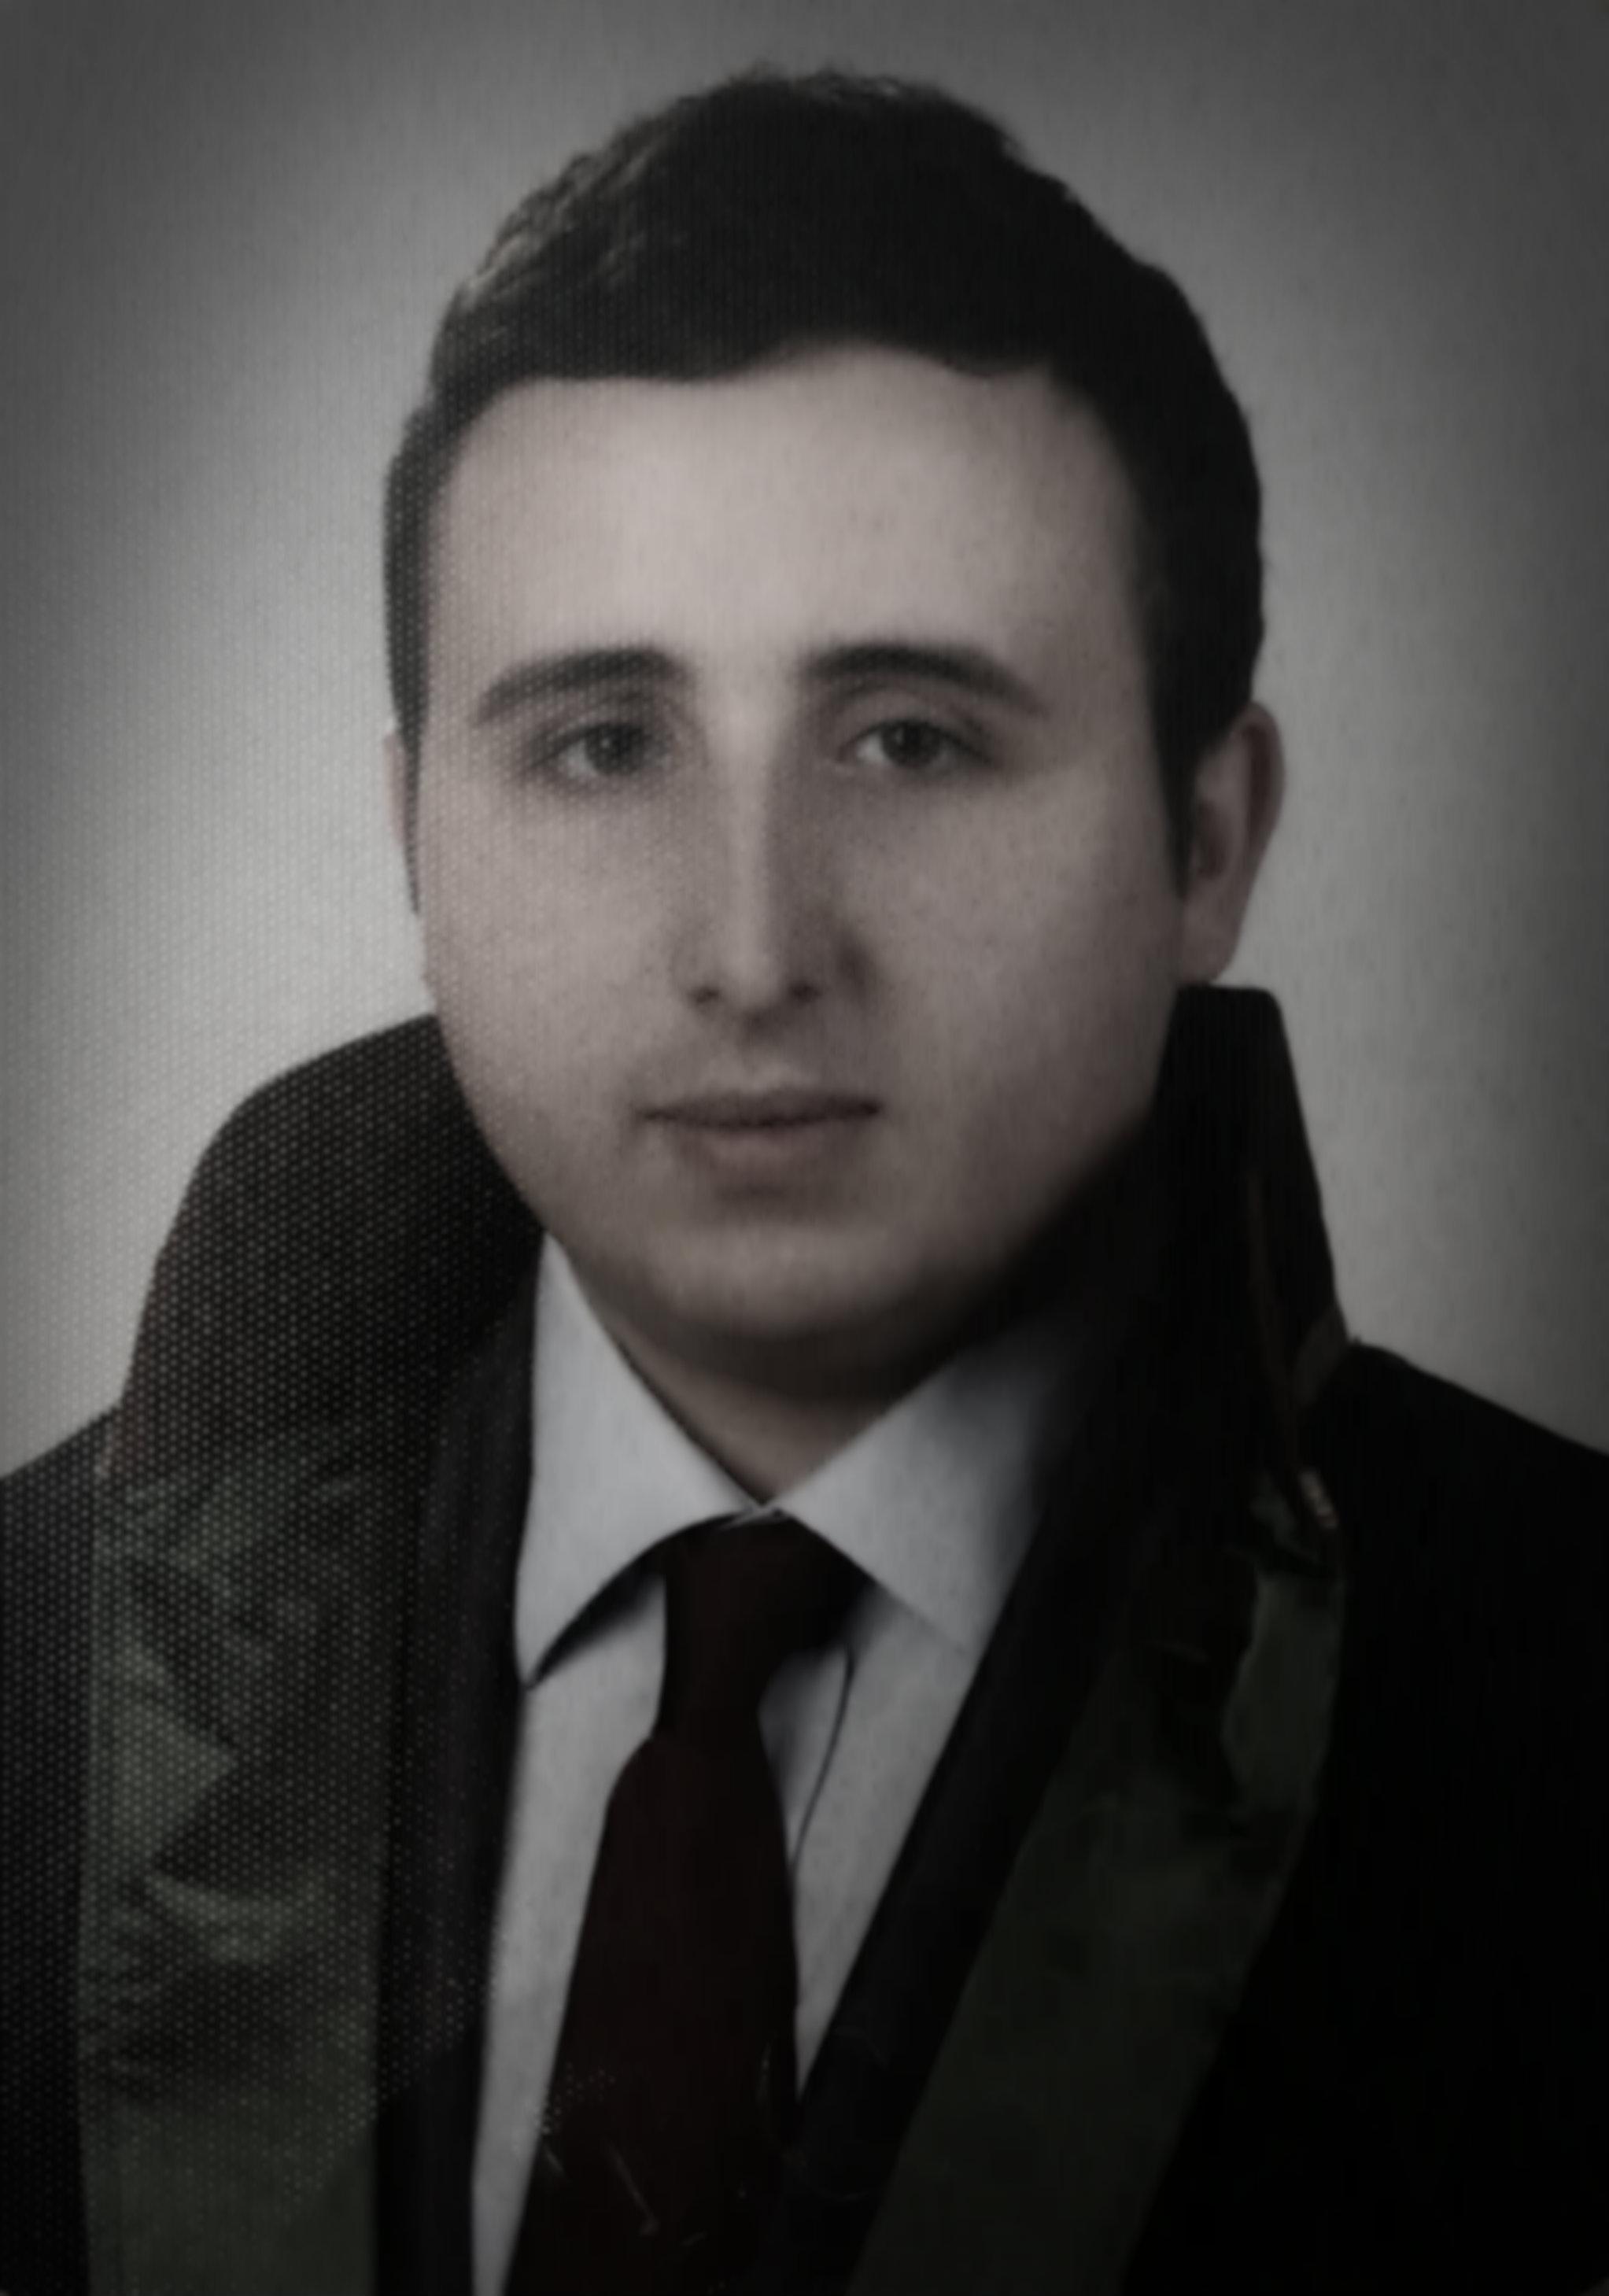 Fatih Avşar